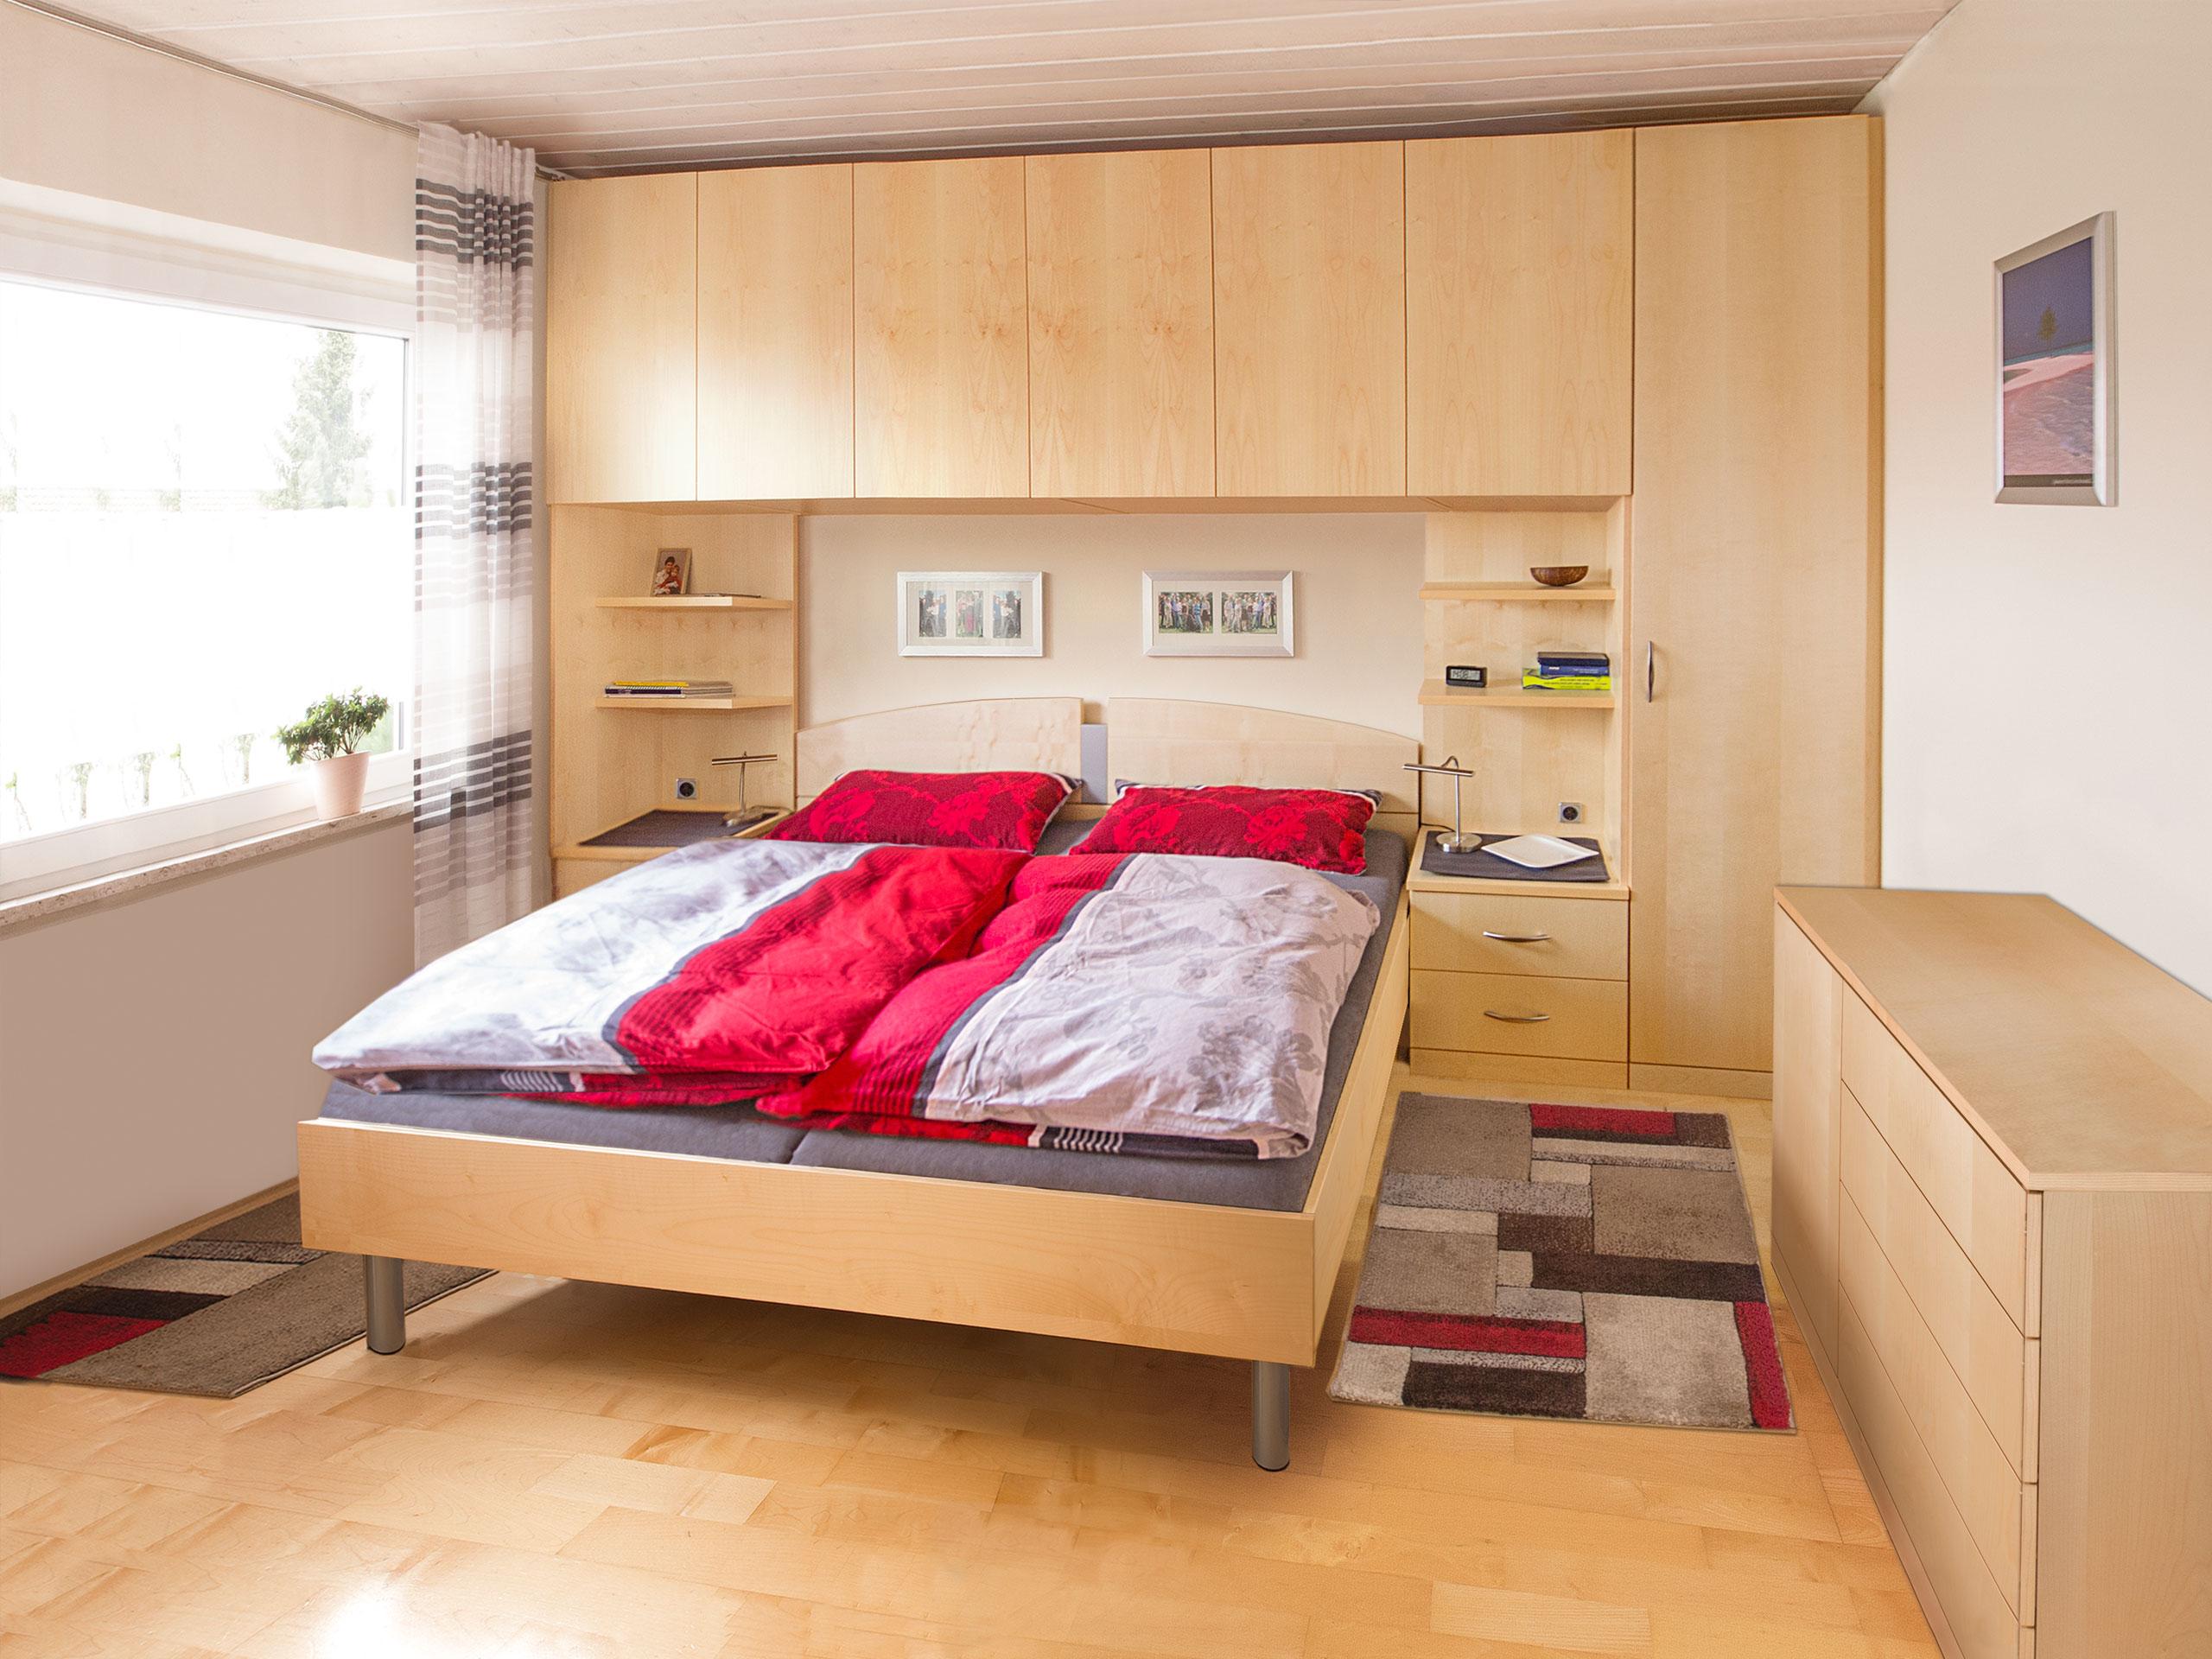 Full Size of Schlafzimmer Mit überbau Ikea Sofa Schlaffunktion Set Boxspringbett Betten Schubladen Eckschrank Nolte Gardinen Günstige Küche E Geräten Kleiderschrank Schlafzimmer Schlafzimmer Mit überbau